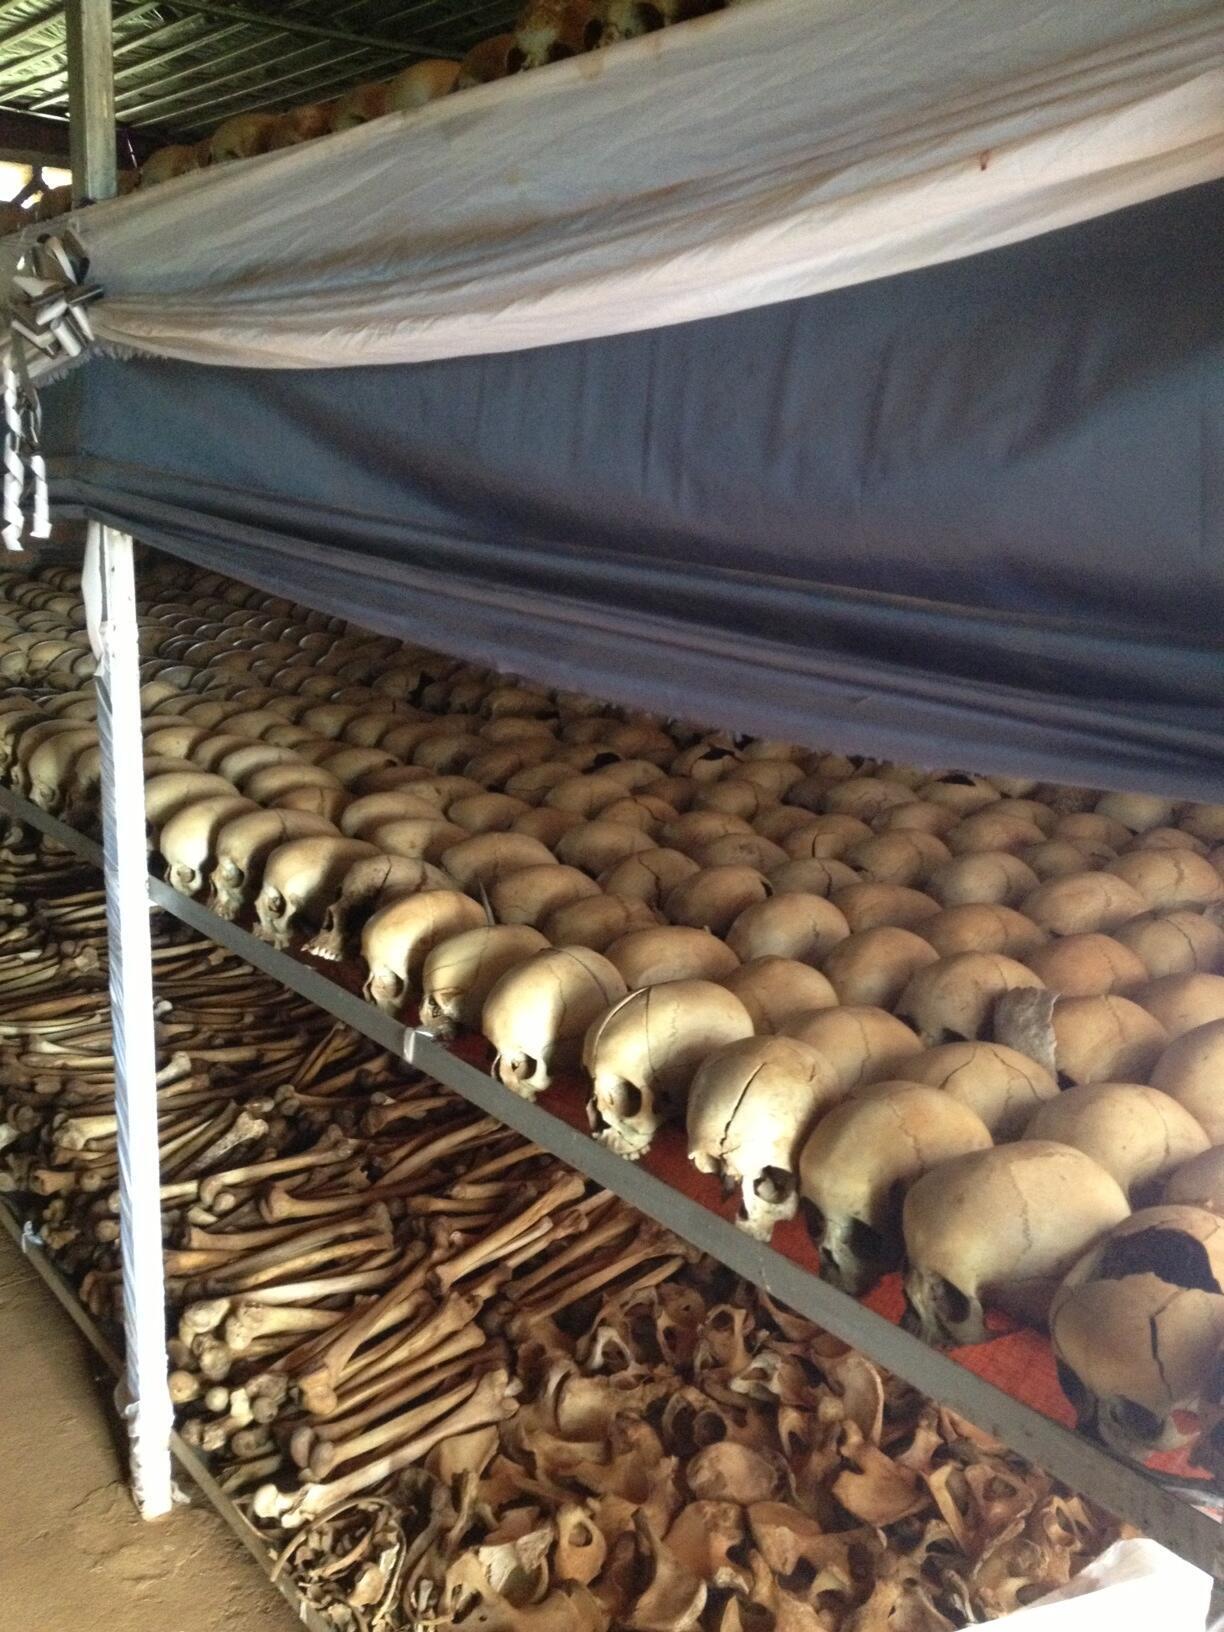 Igreja de Ntarama, onde quase cinco mil refugiados tutsis foram massacrados no dia 15 de abril de 1994.